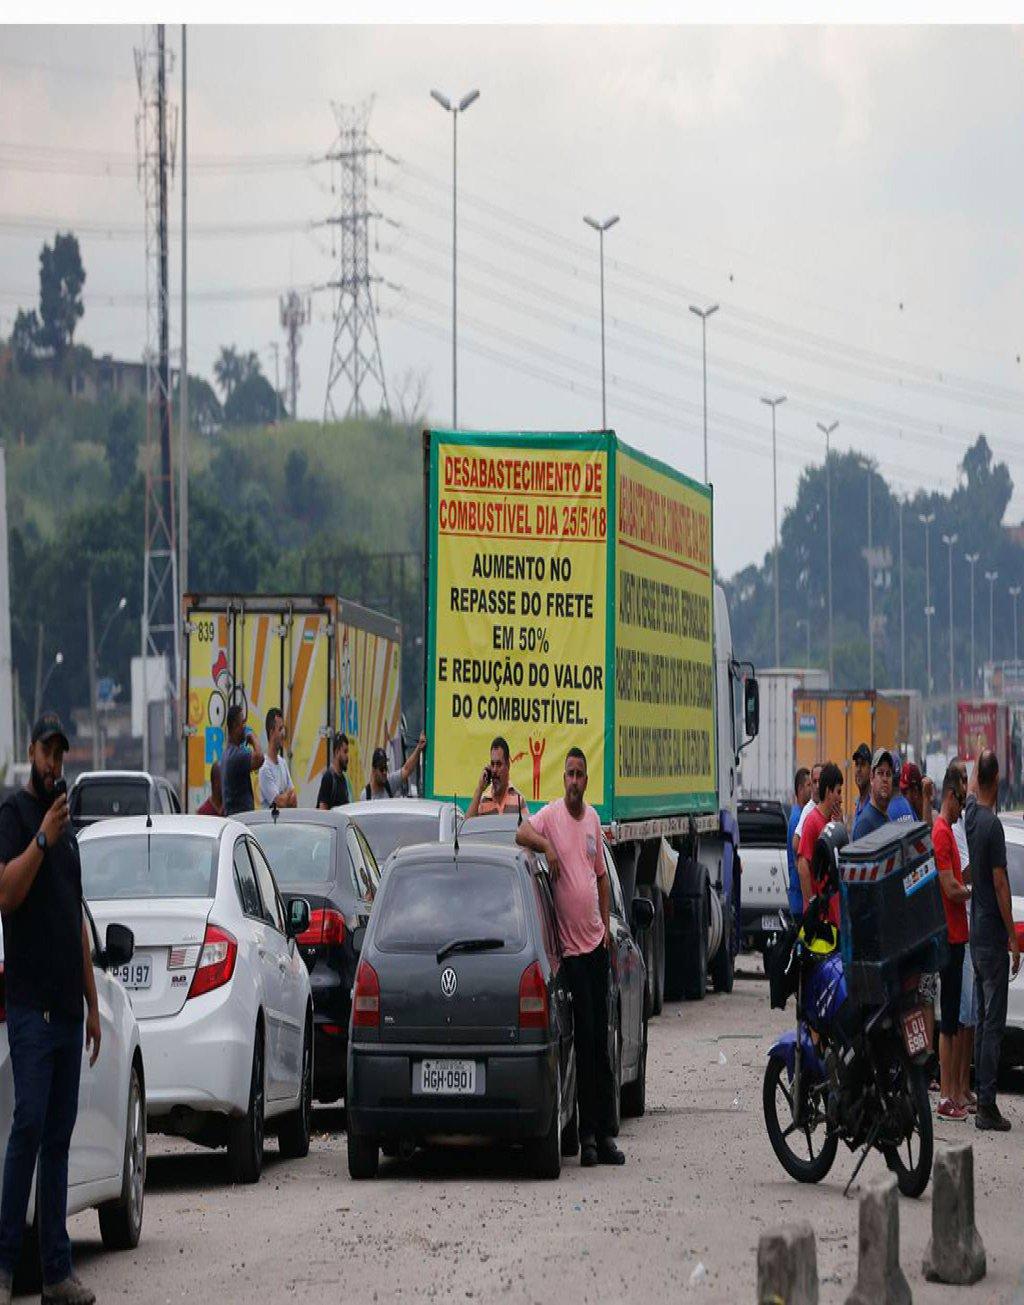 Balanço divulgado pela Associação Brasileiros dos Caminhoneiros apontou um aumento na quantidade de interdições em rodovias pelo movimento de paralisação dos caminhoneiros no dia seguinte ao acordo firmado pelo governo; de acordo com as estatísticas, existem 521 pontos interditados na manhã desta sexta-feira (25) em 25 estados